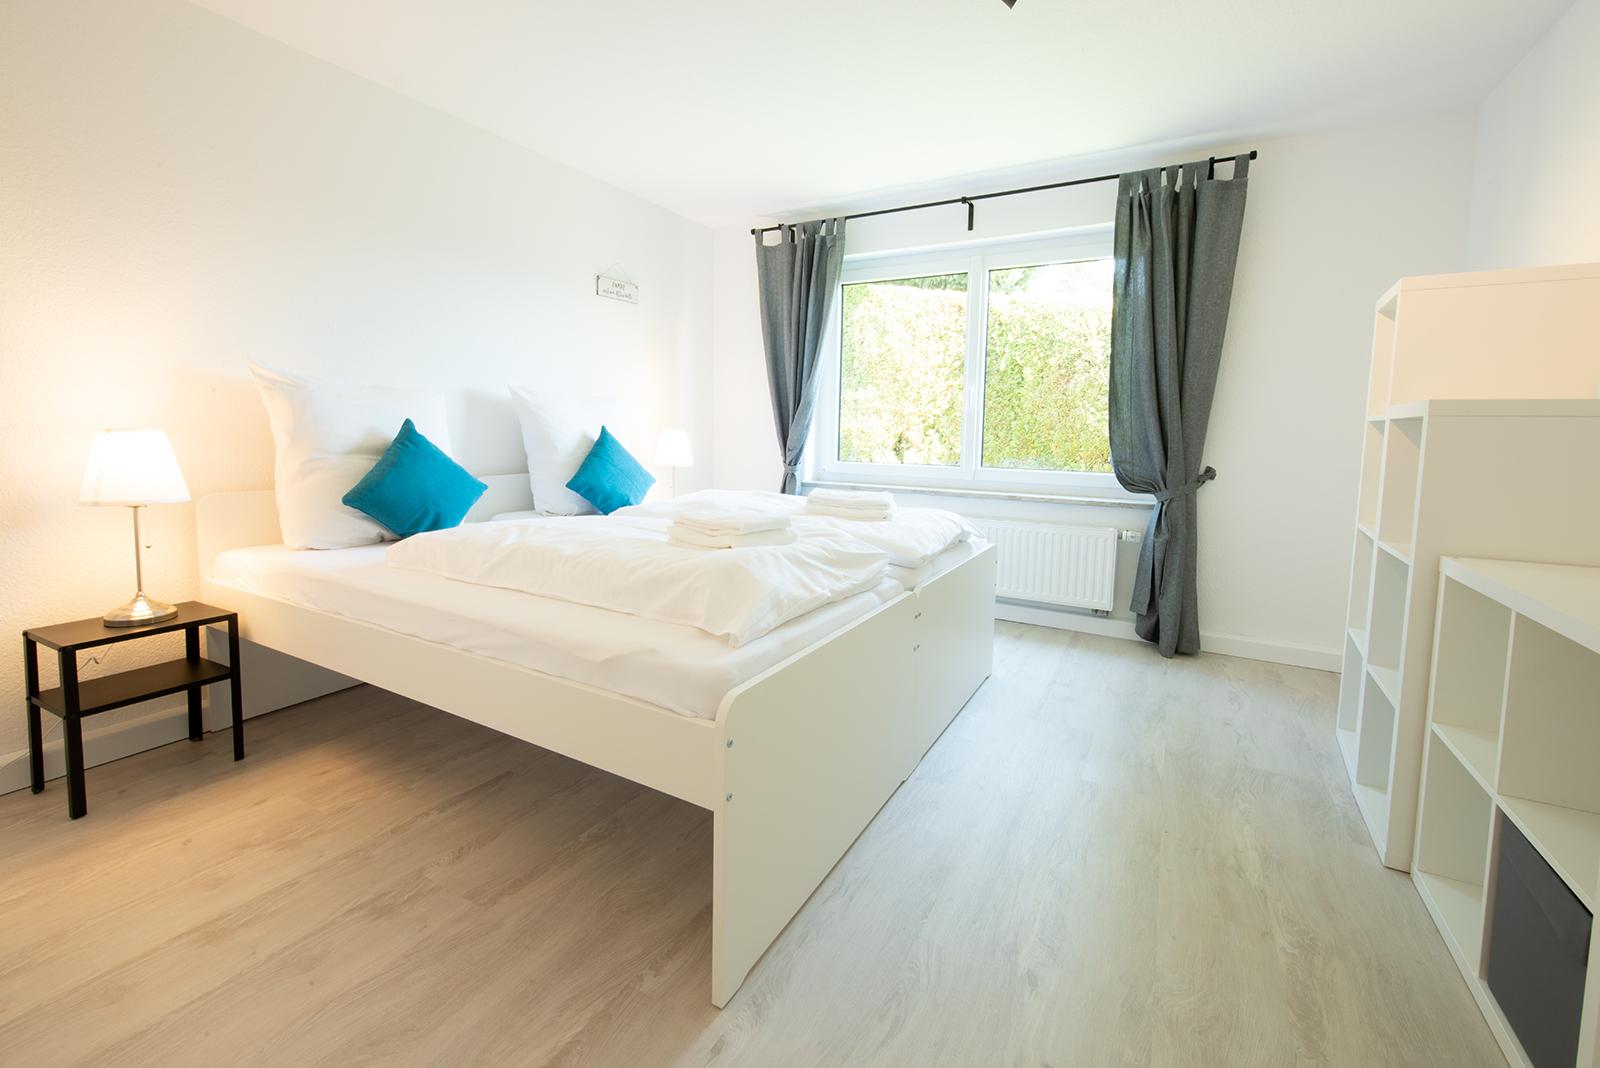 Ferienwohnung am Bodensee: Meersburg - Schlafzimmer 2